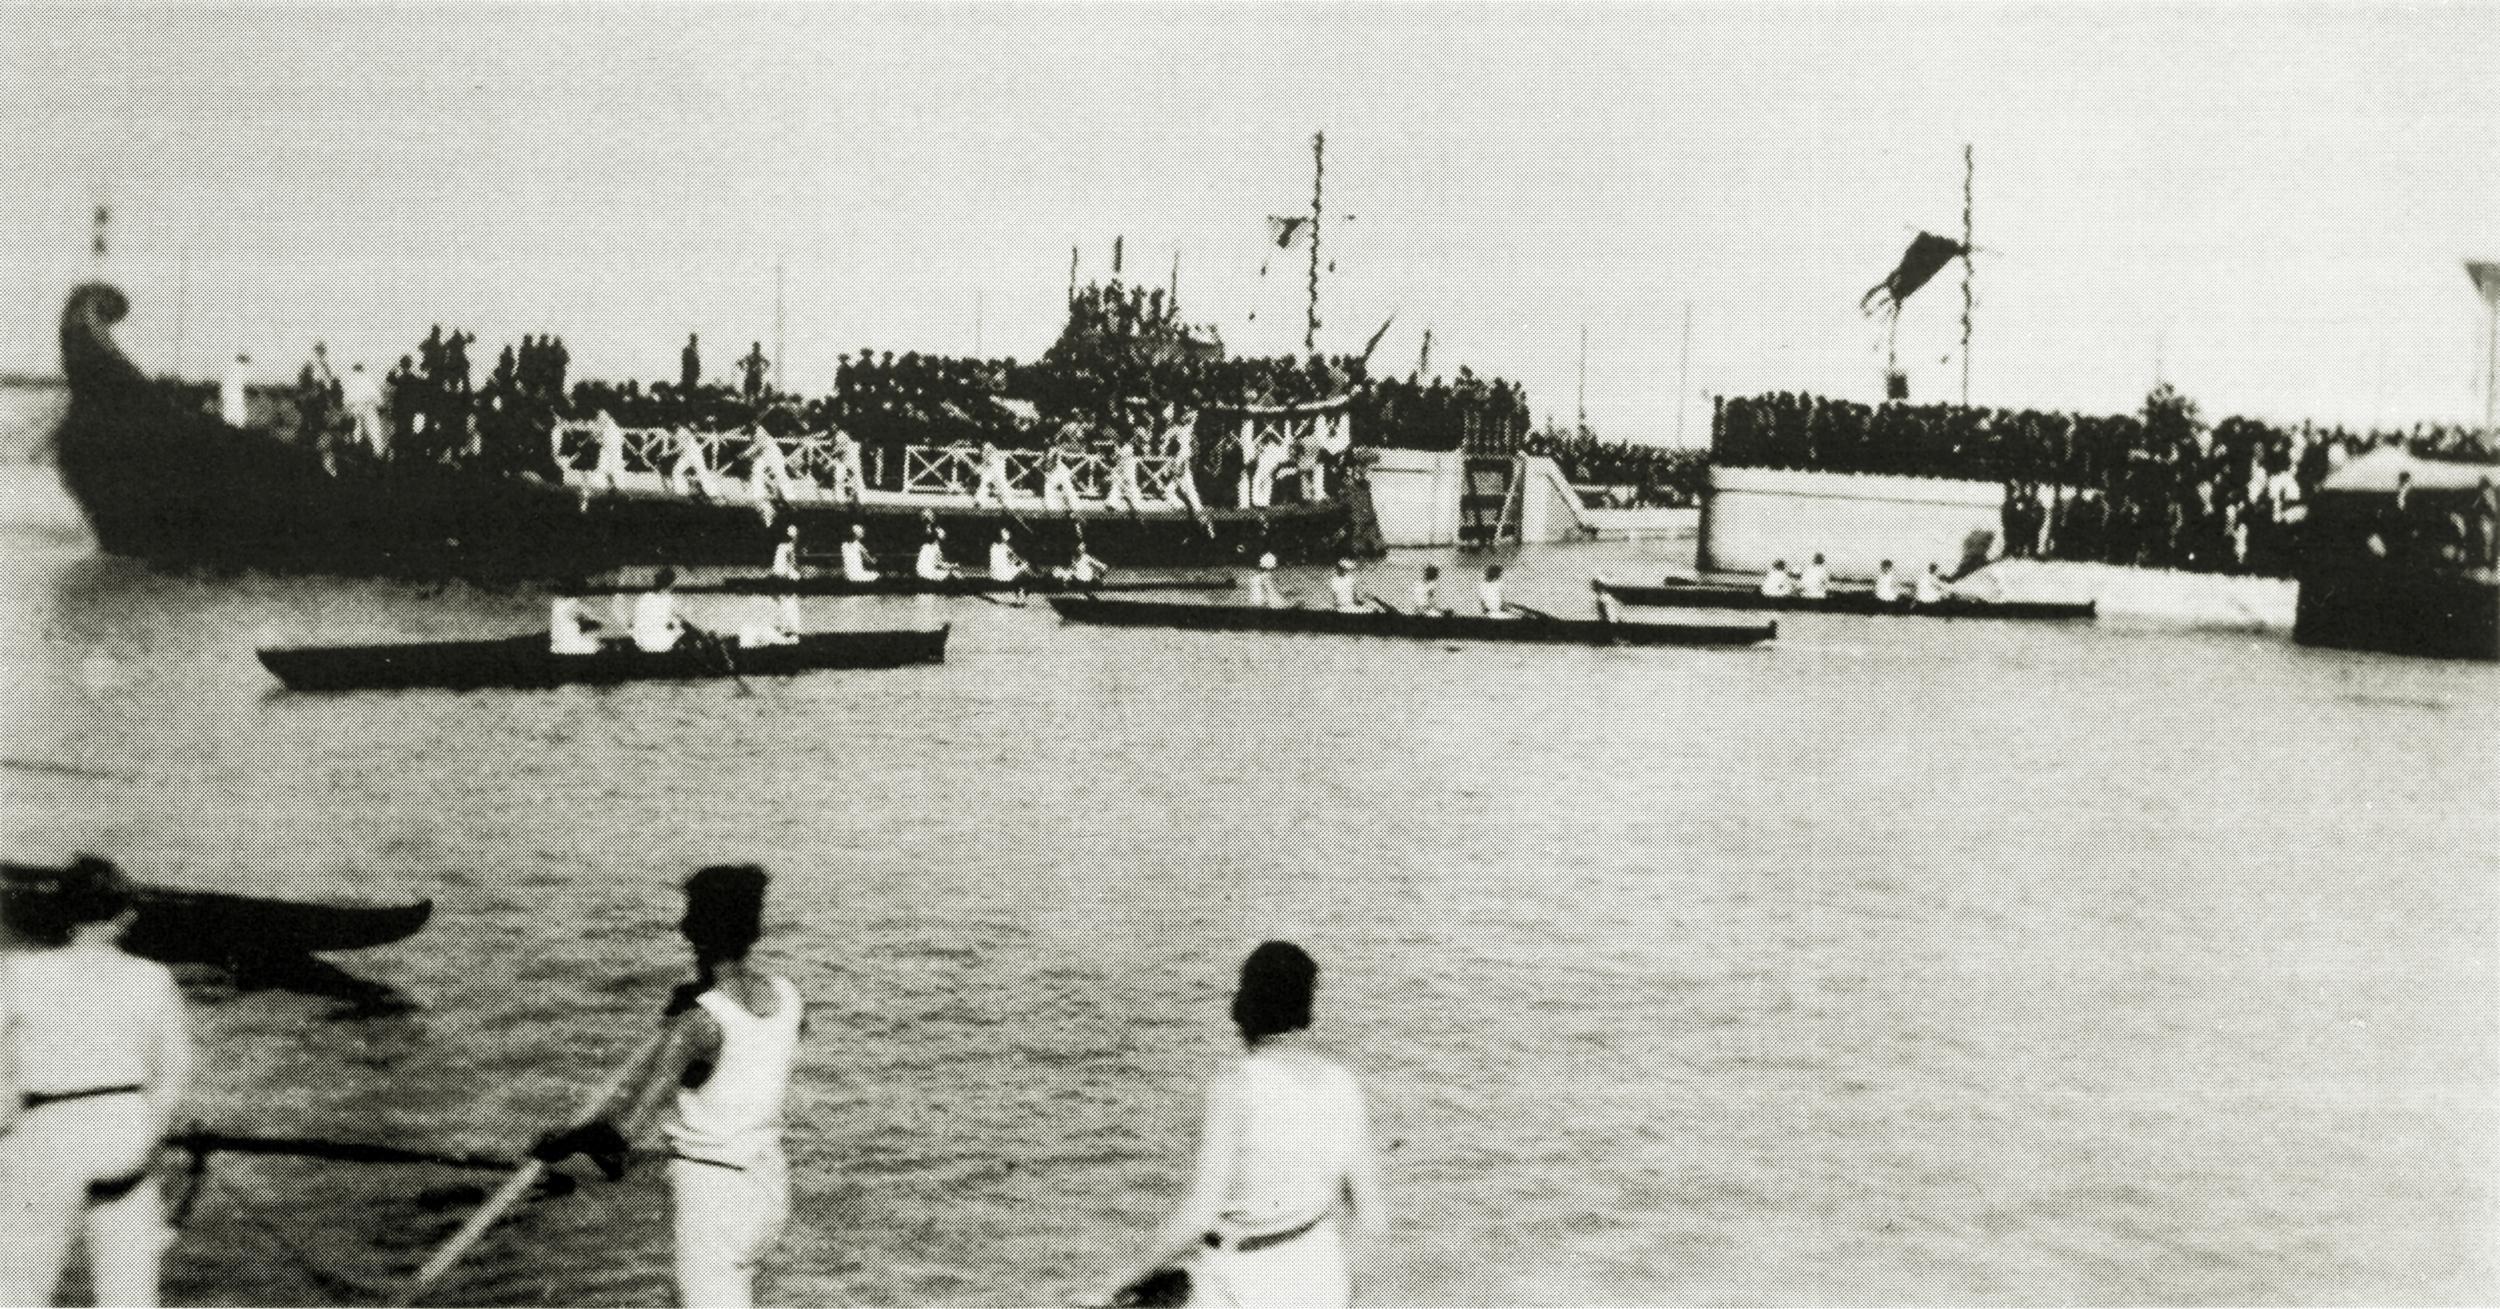 Inaugurazione della Conca di Battaglia: l'arrivo di Mussolini a bordo della barca addobbata a bucintoro.